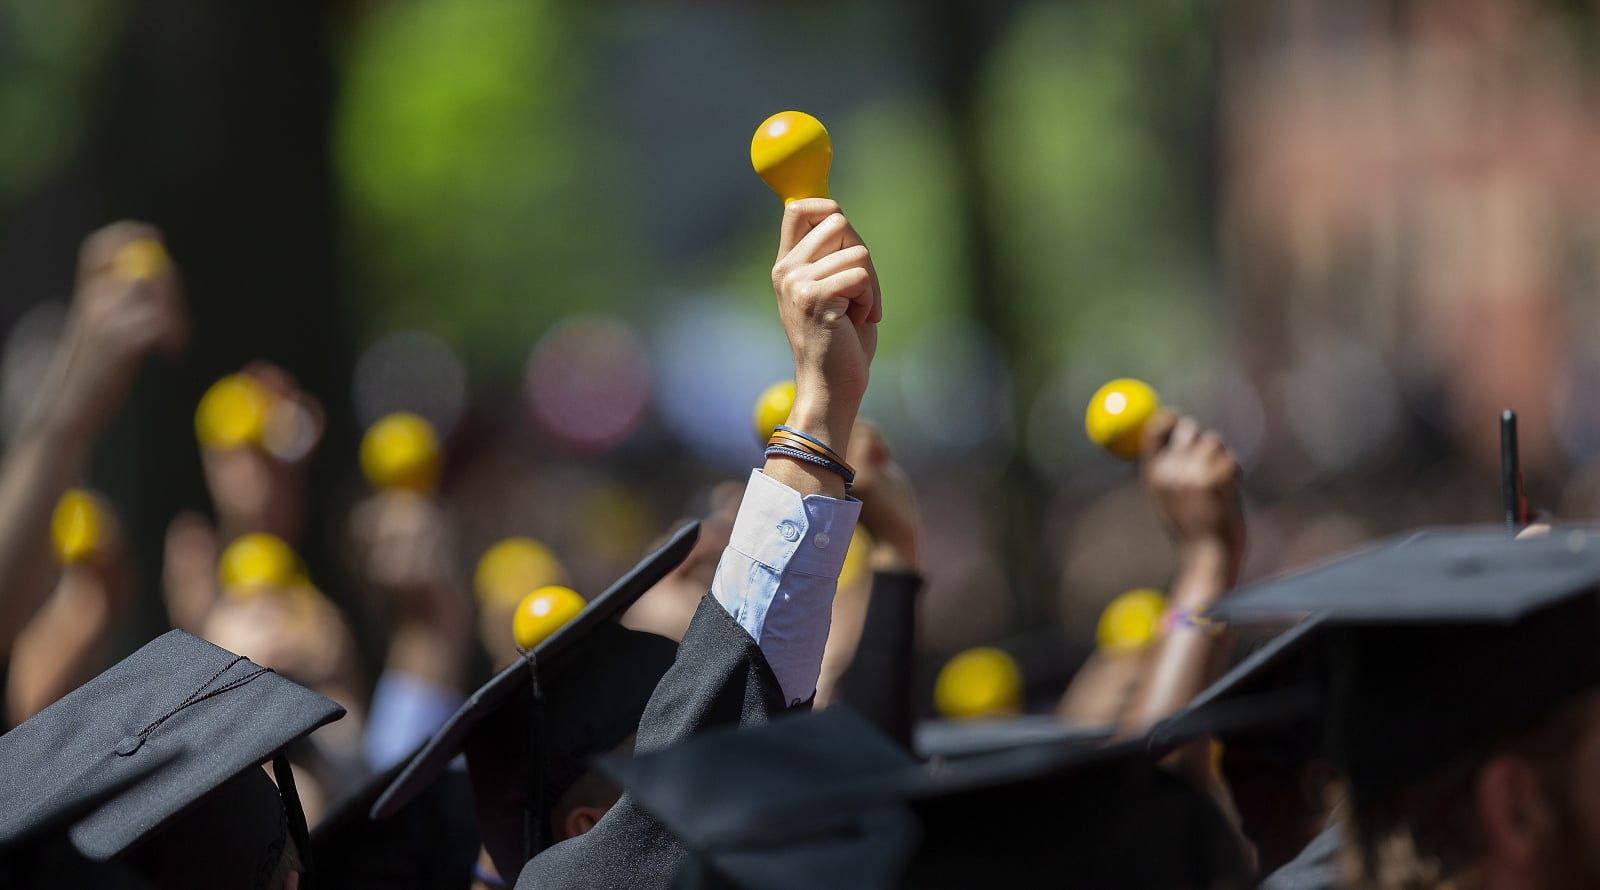 Wręczenie dyplomów na Harvardzie EPA/CJ GUNTHER